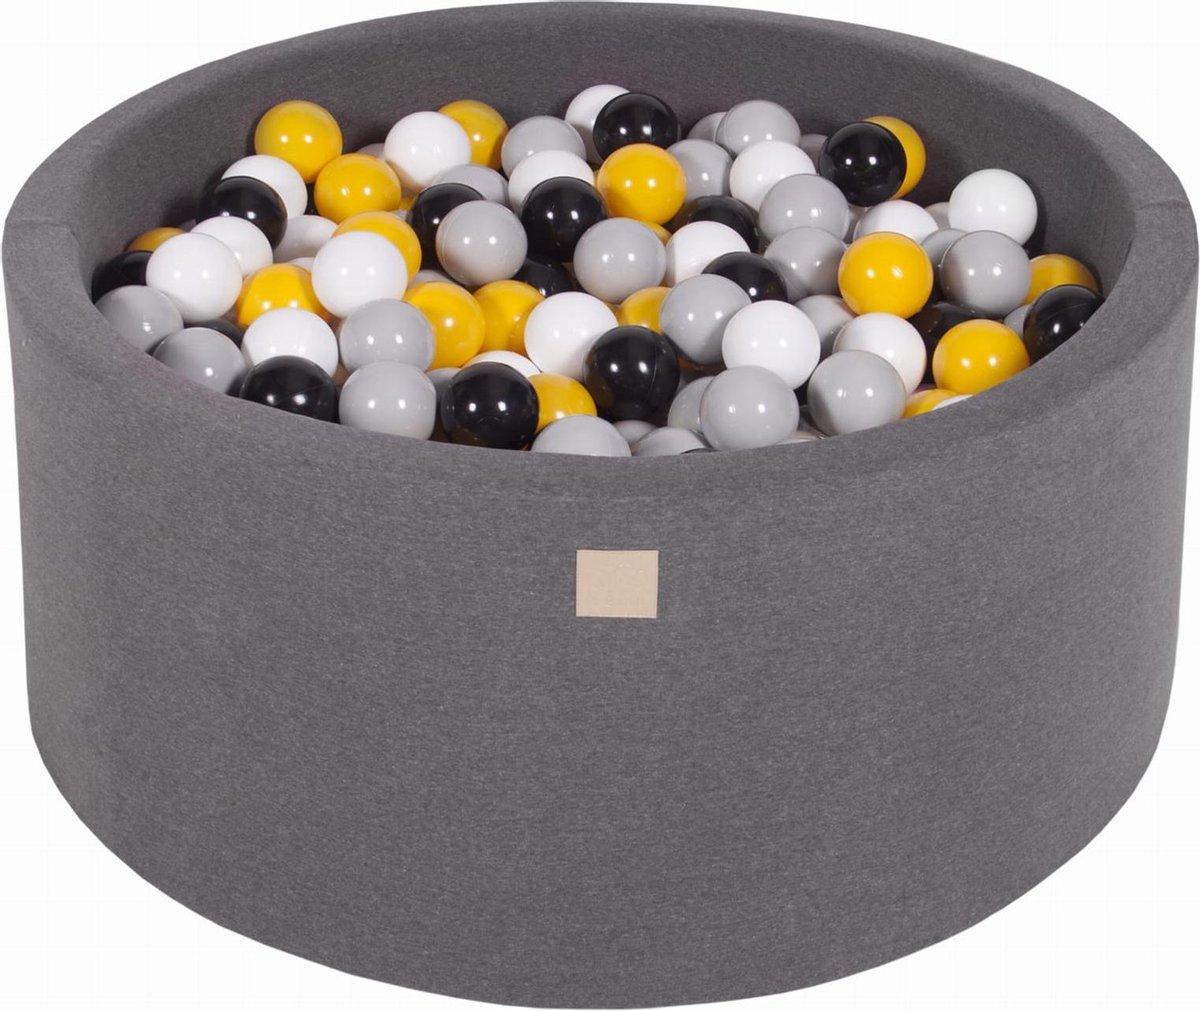 Ronde Ballenbak set incl 300 ballen 90x40cm - Donker Grijs: Grijs, Wit, Zwart, Geel